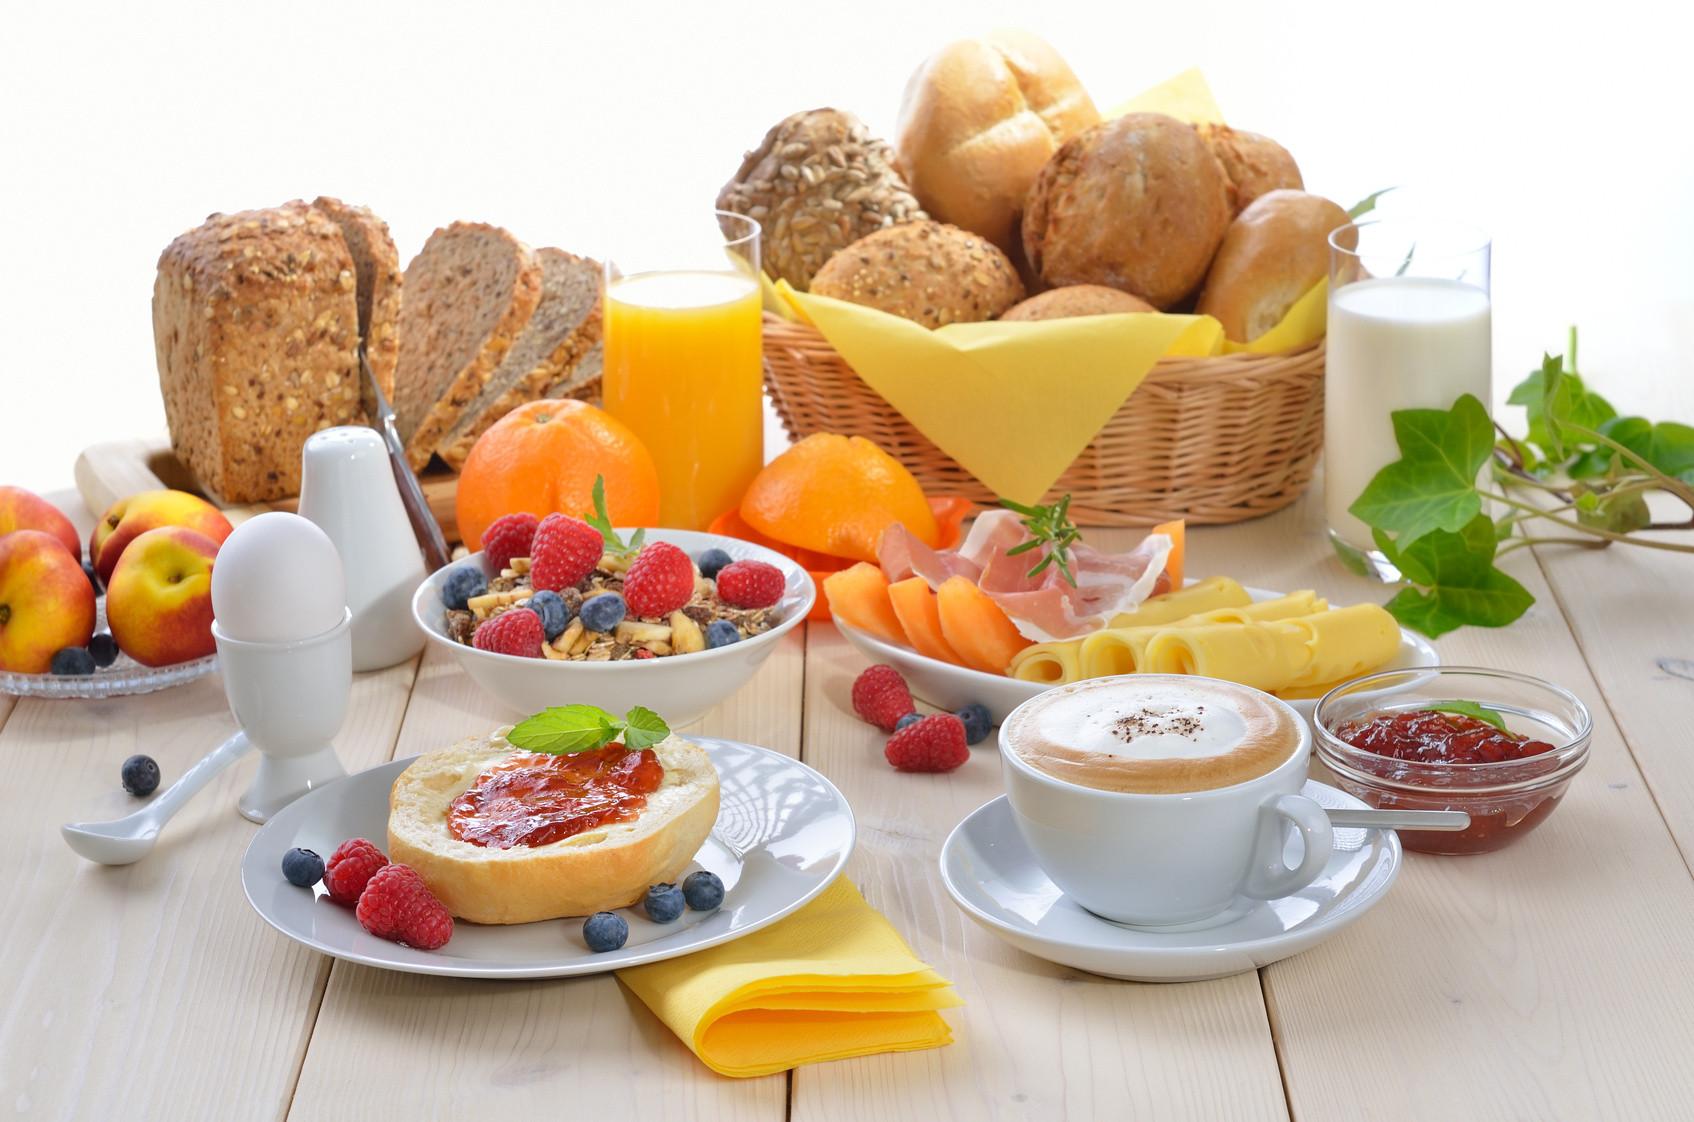 A Healthy Breakfast  Top 20 Healthy Breakfast Ideas For Winter eBlogfa